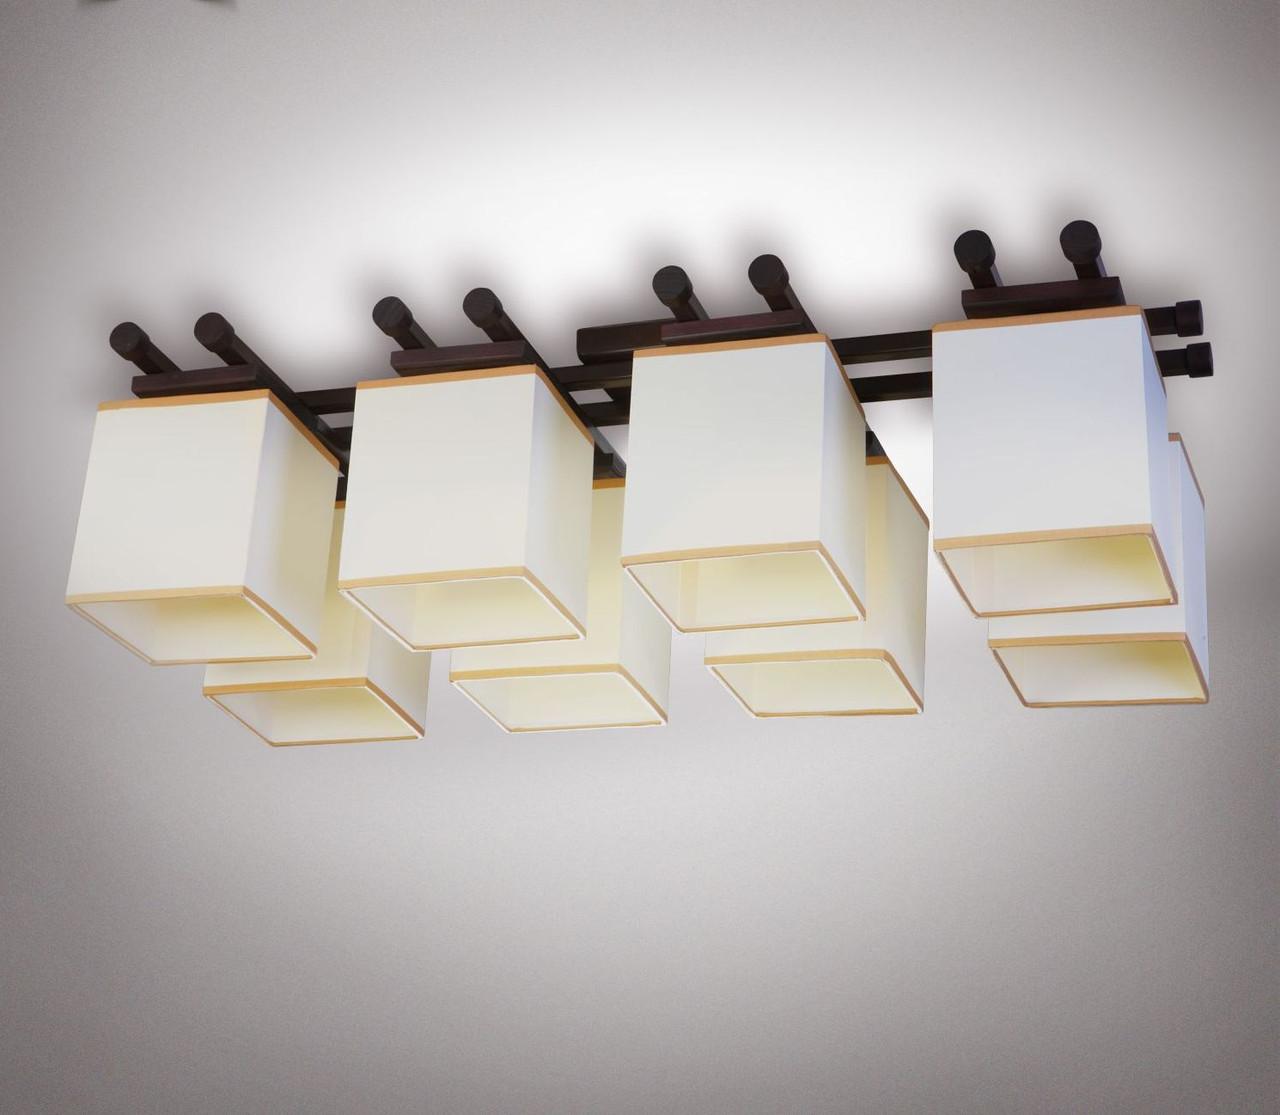 Люстра 8 ламповая, металлическая, с деревом для большой комнаты 14908